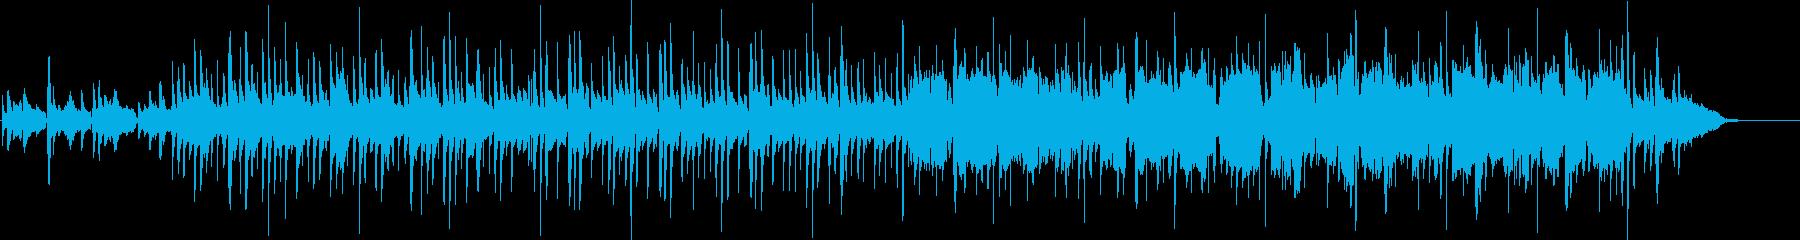 和風でゆったりしたBGMの再生済みの波形